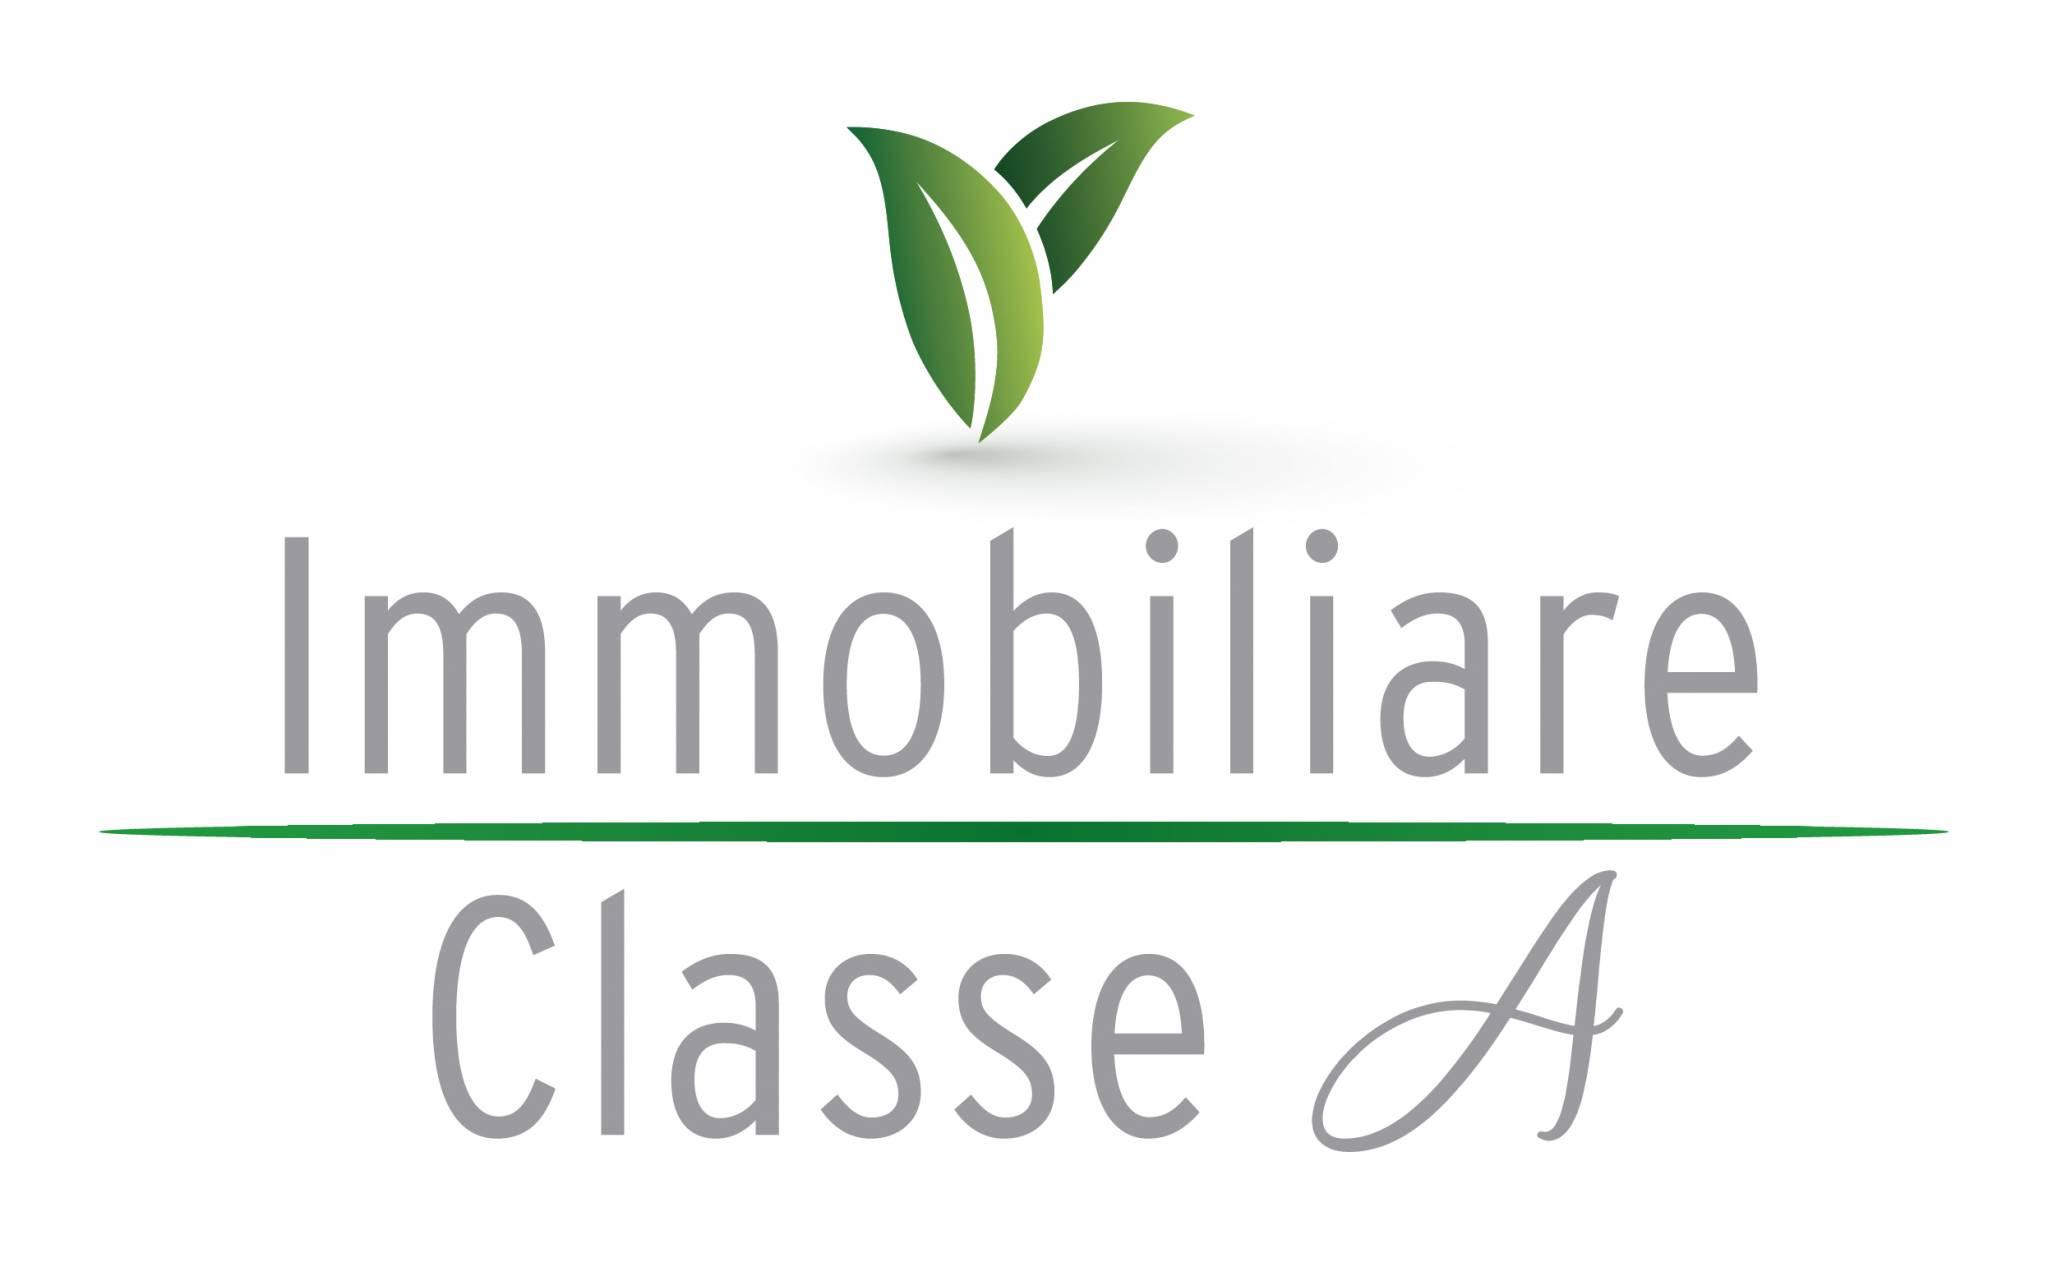 Immobiliare Classe A